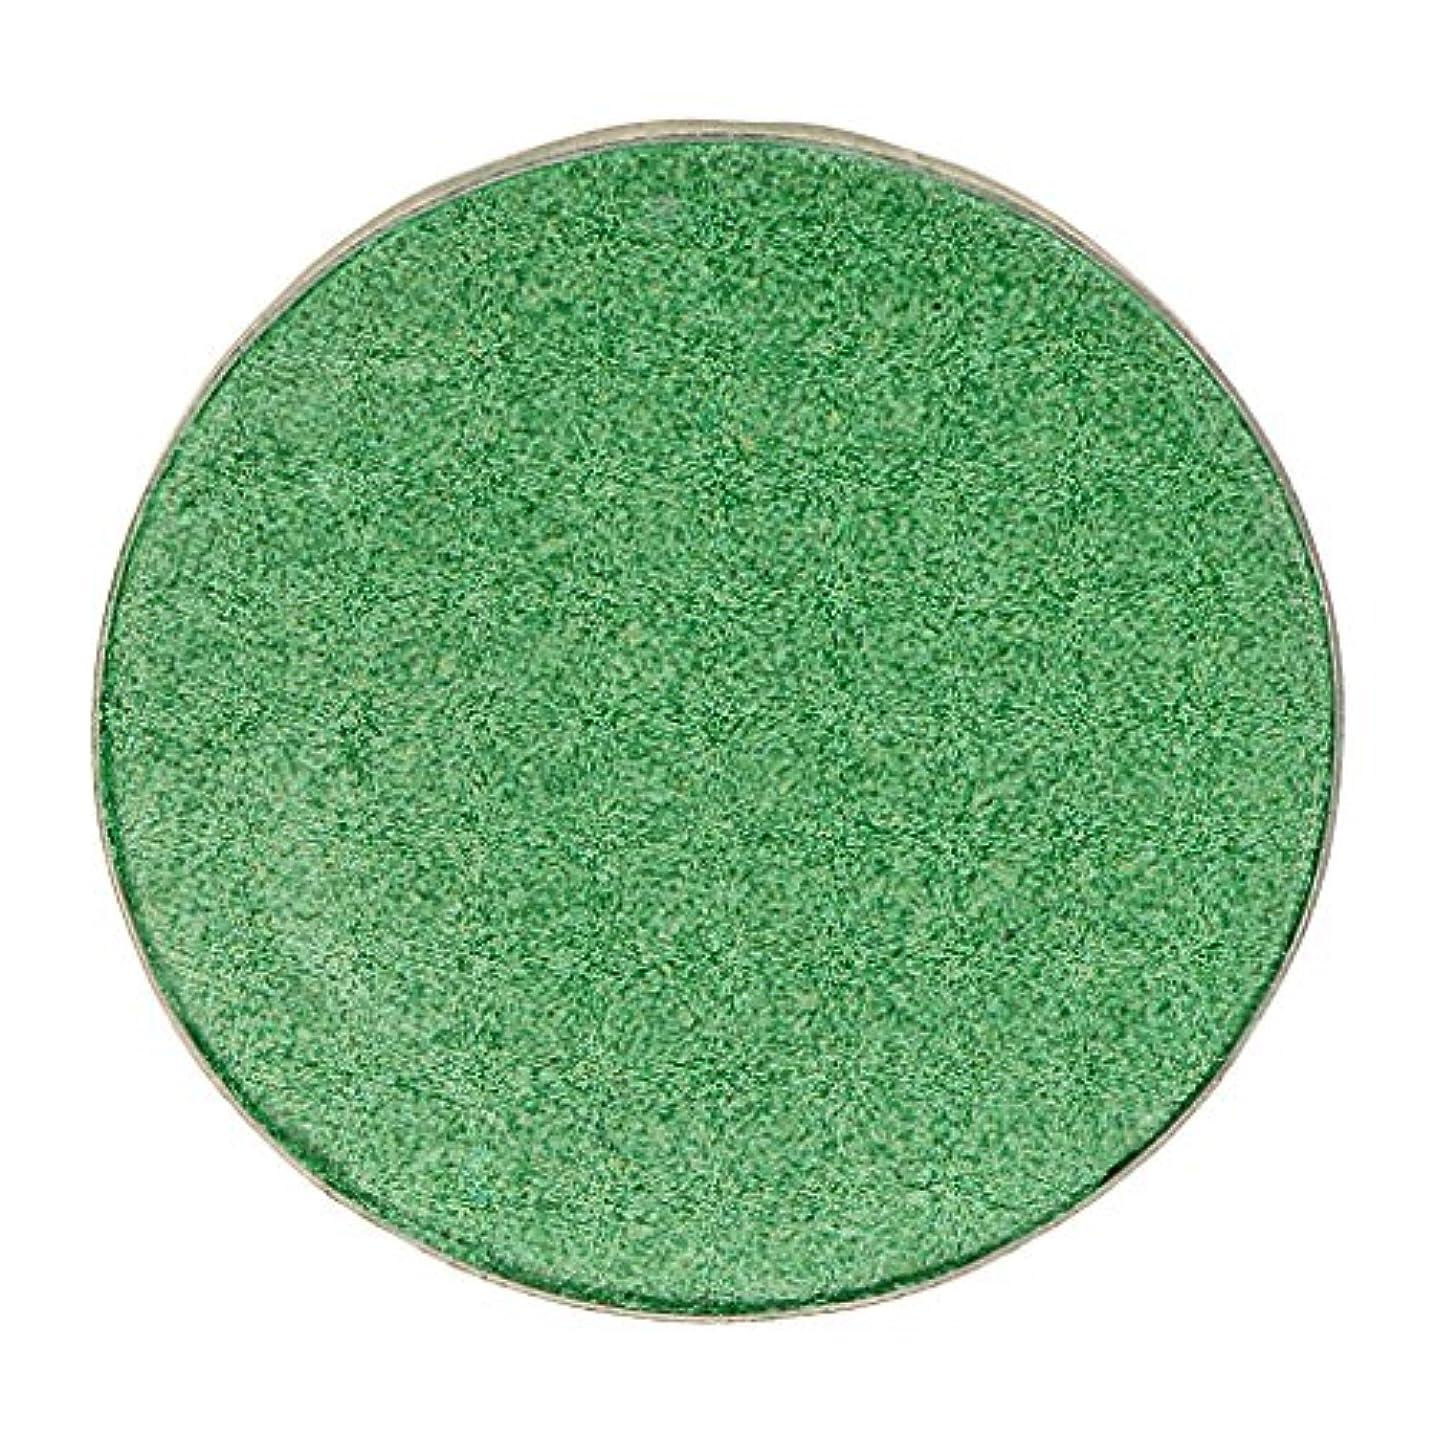 休日シロナガスクジラ多様なSONONIA 化粧品用 アイシャドウ ハイライター パレット マット シマー アイシャドーメイク 結婚式 パーティー 全5色 - #38グリーン